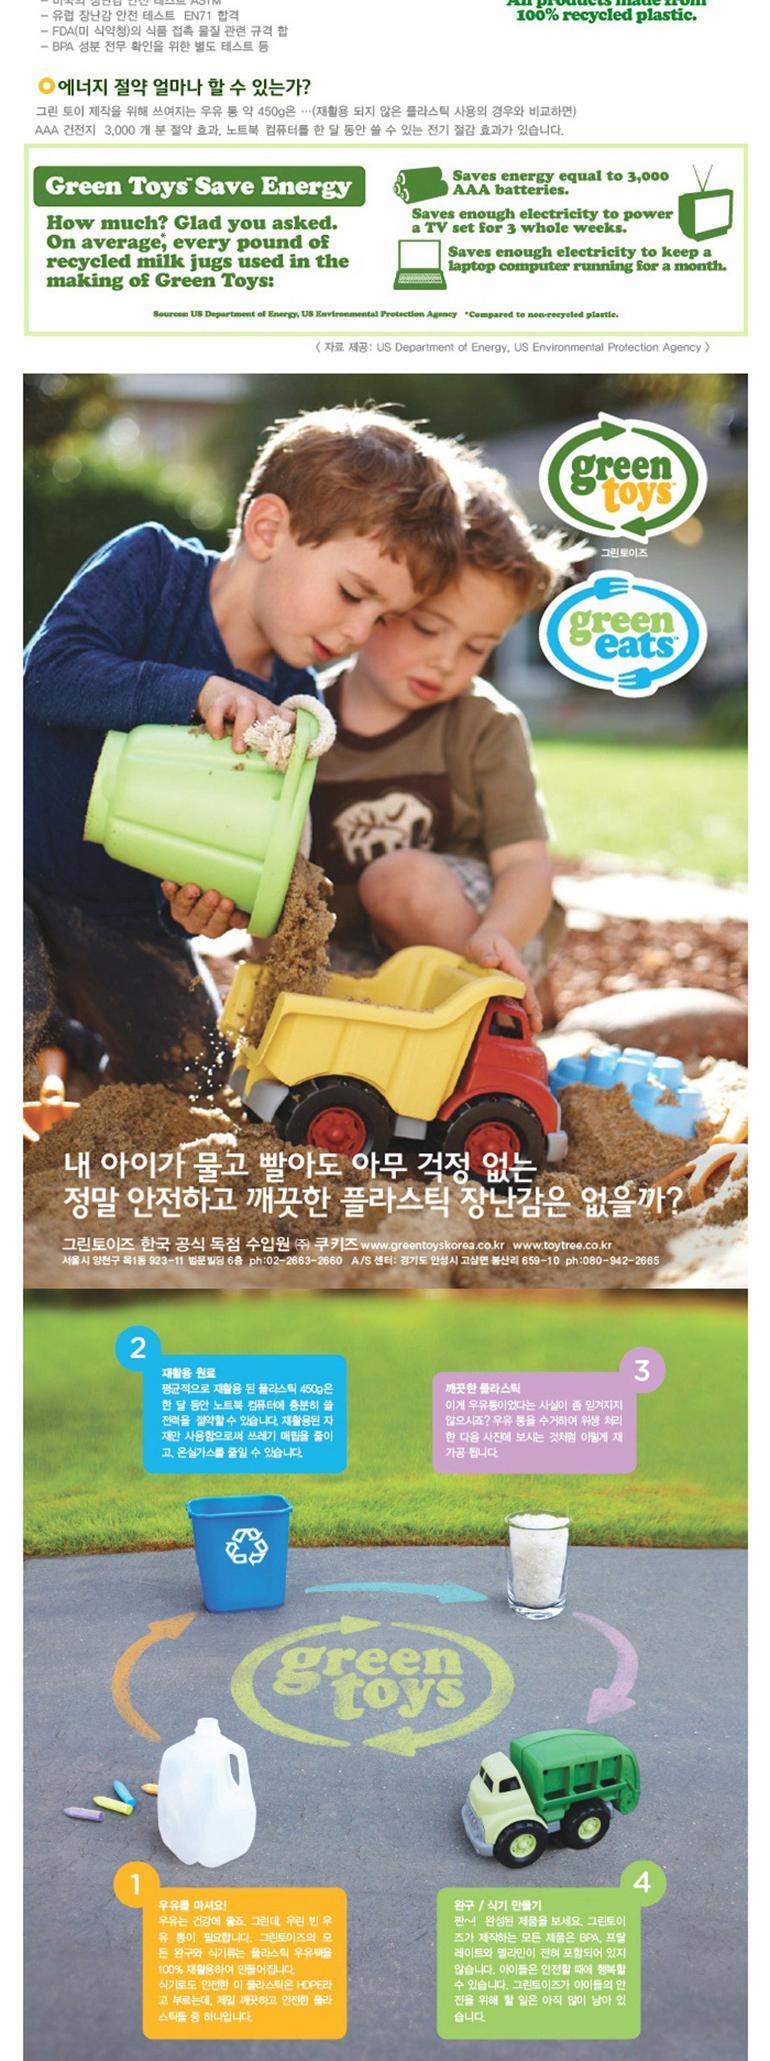 그린토이즈 모래놀이세트(블루) 아동용모래놀이세트  아동용모래놀이세트 가정용모래놀이 유아용모래놀이세트 어린이용모래놀이 유아용모래놀이